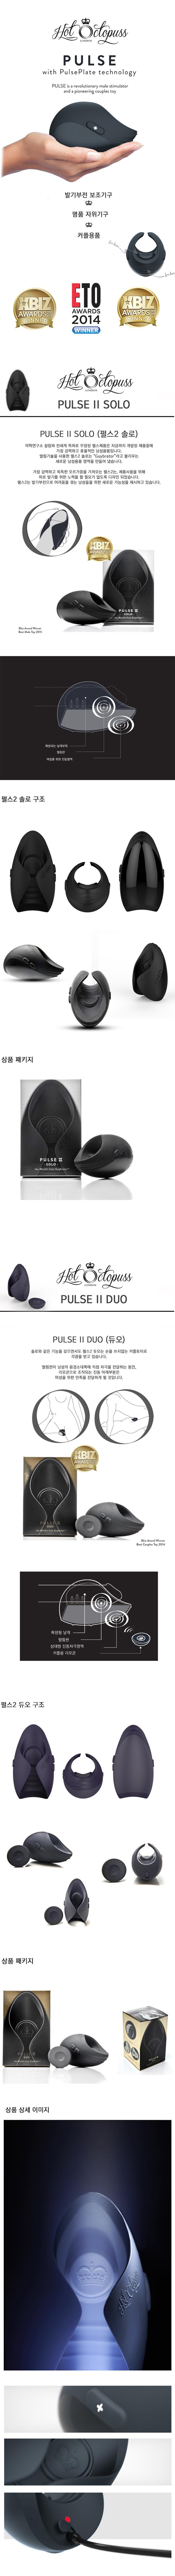 [고급 진동] 펄스2 시리즈(Pulse 2 series)